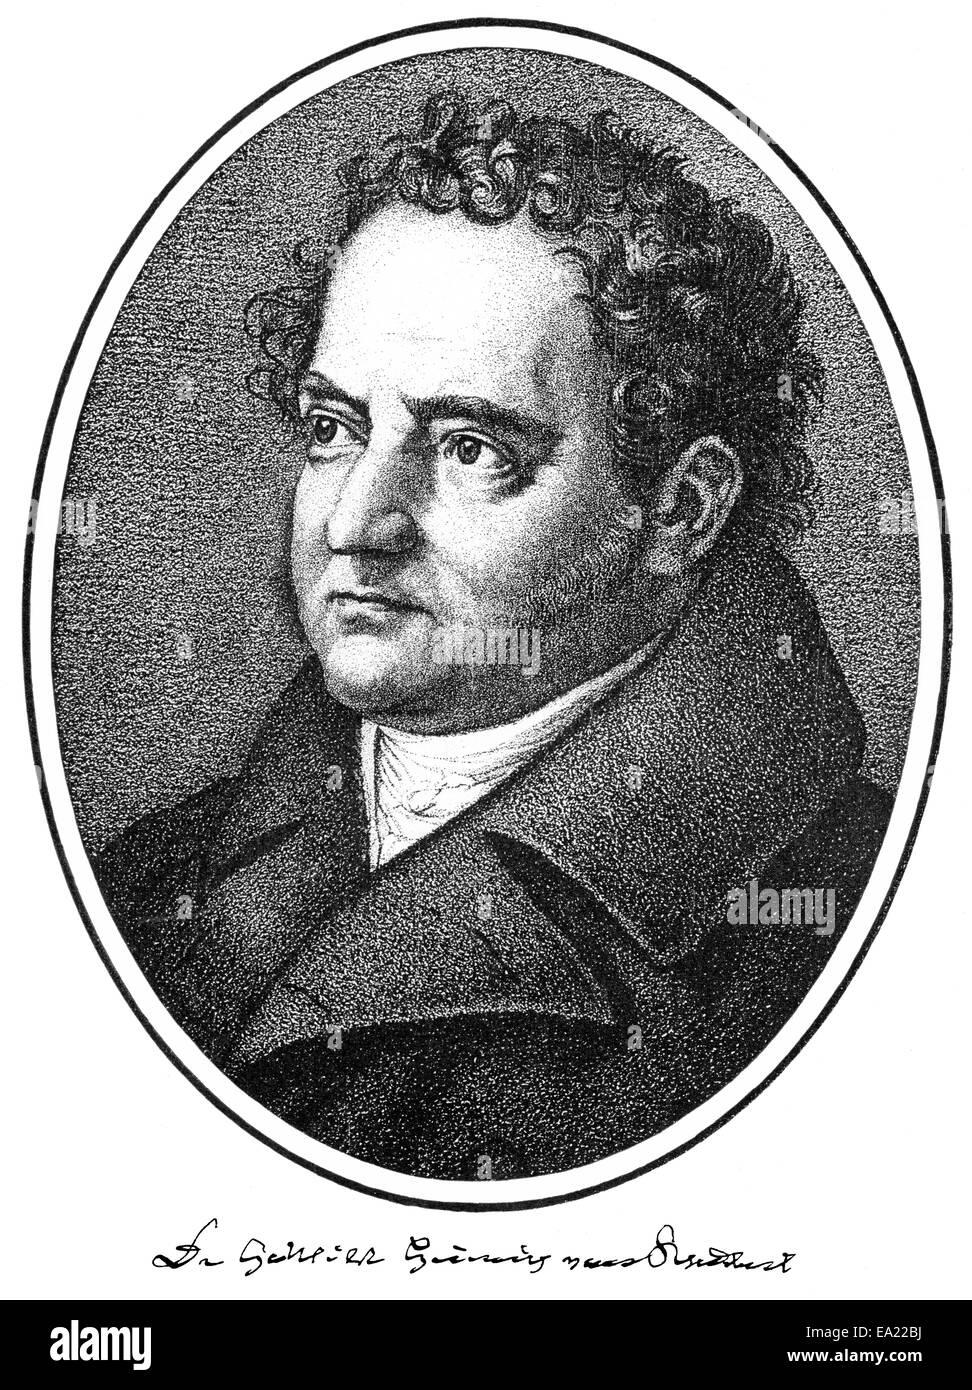 Gotthilf Heinrich von Schubert, 1780-1860, deutscher Arzt, Naturforscher und Naturphilosoph der Romantik, Porträt Stockbild